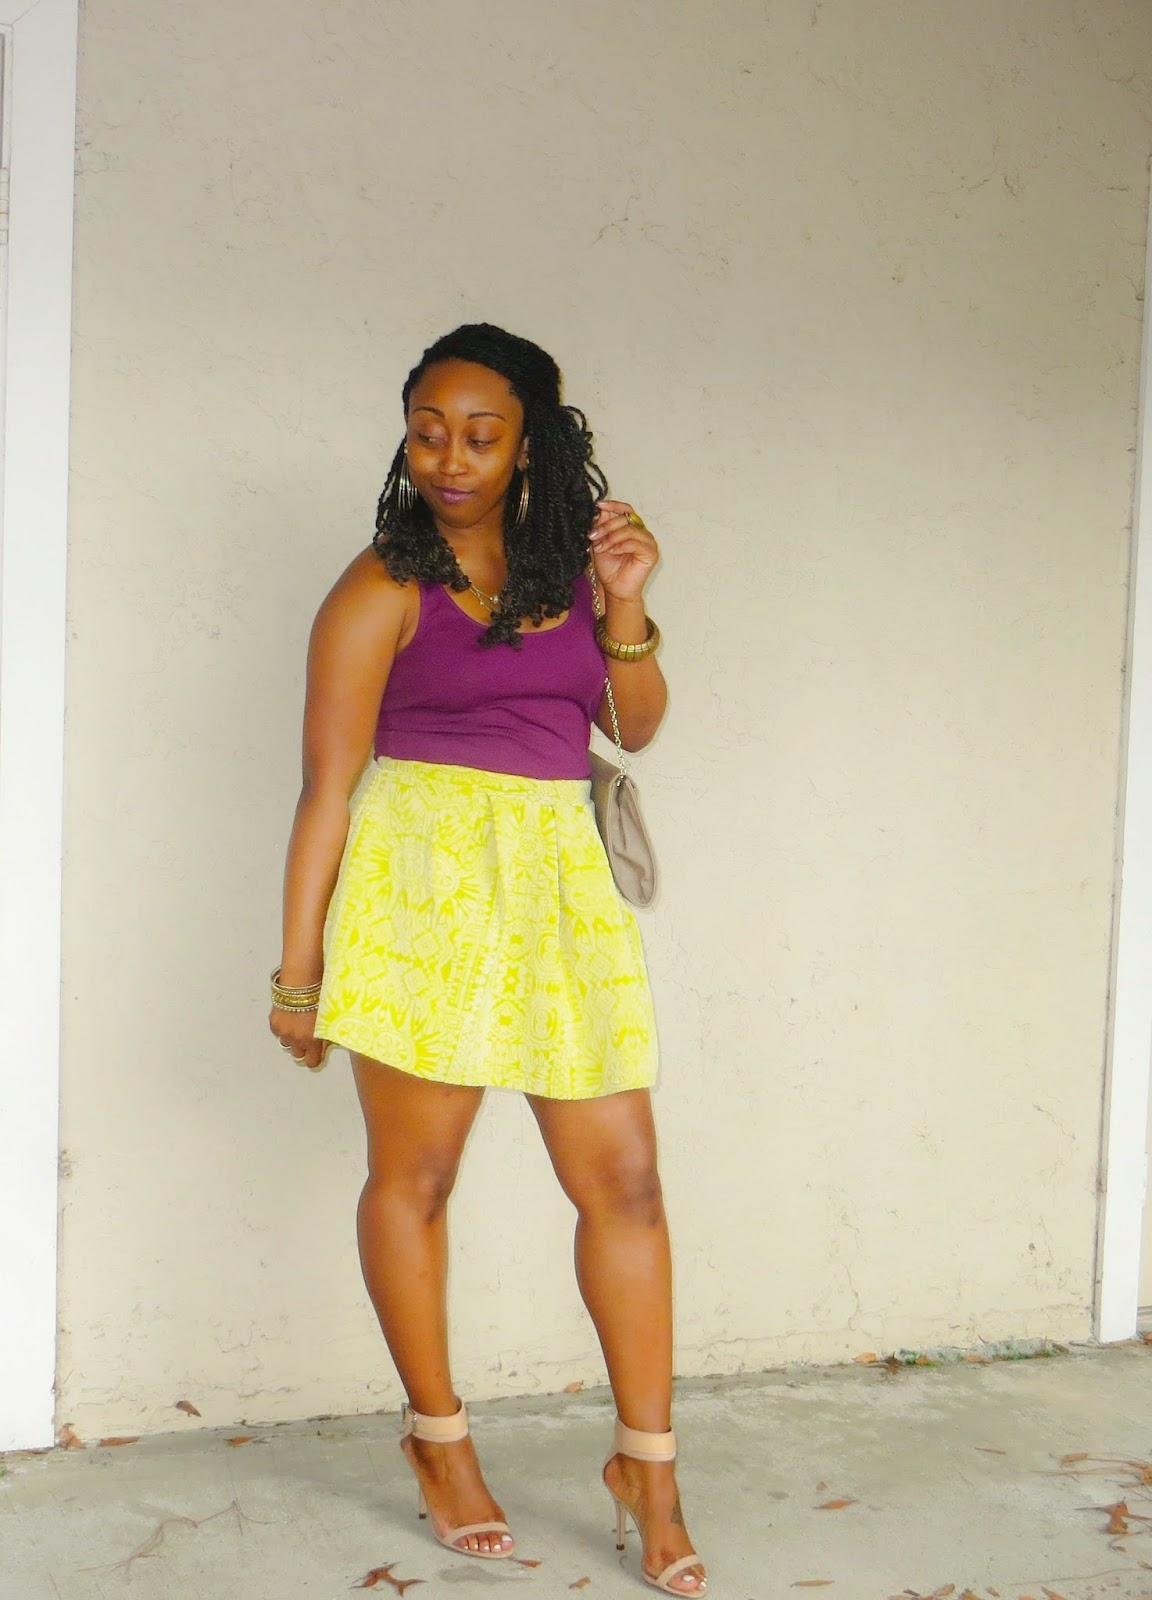 Bbw in heels pics